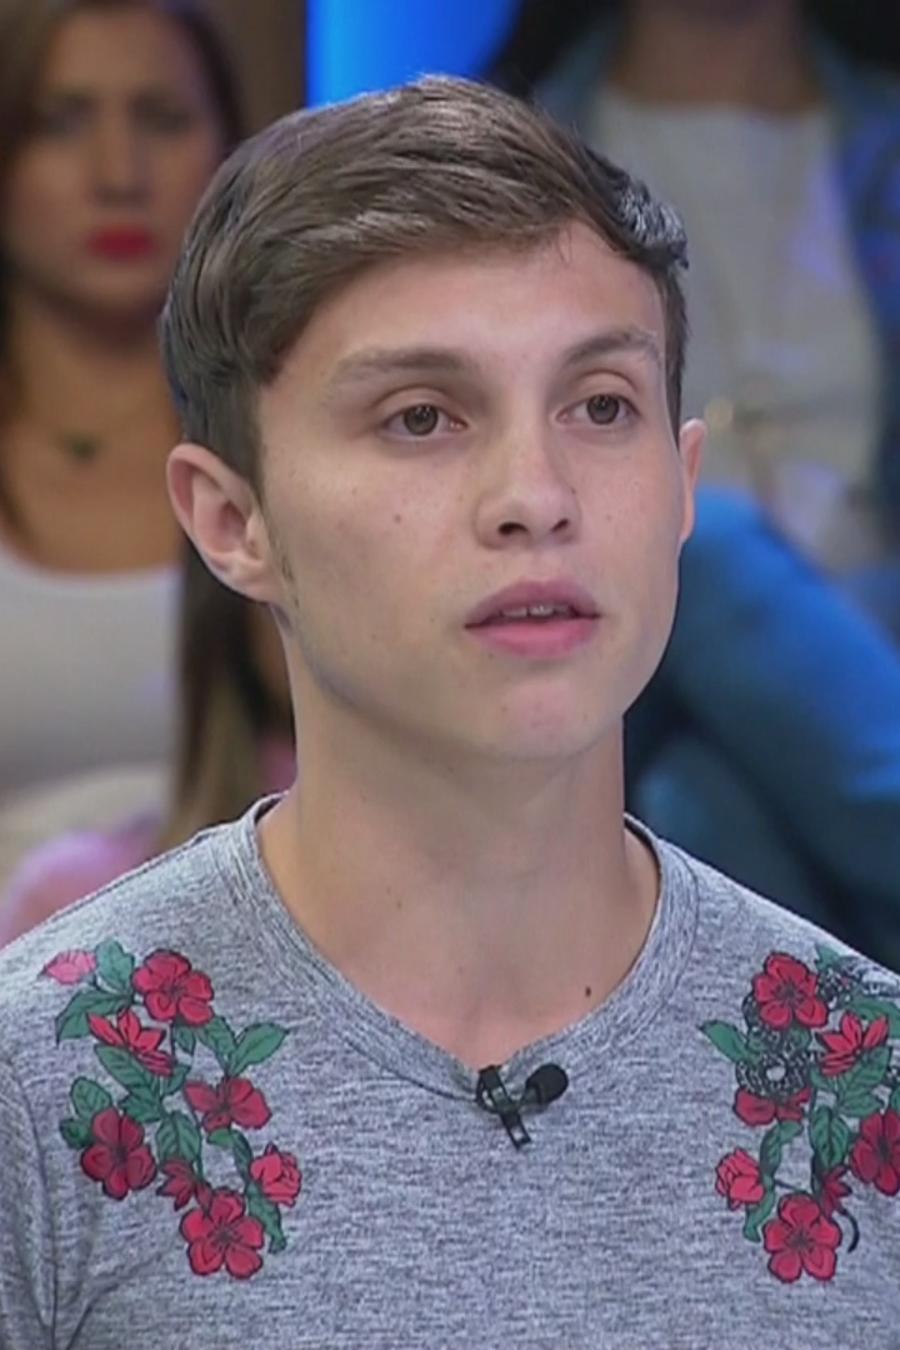 Deseo que mi hijo pierda su asilo y regrese a Colombia